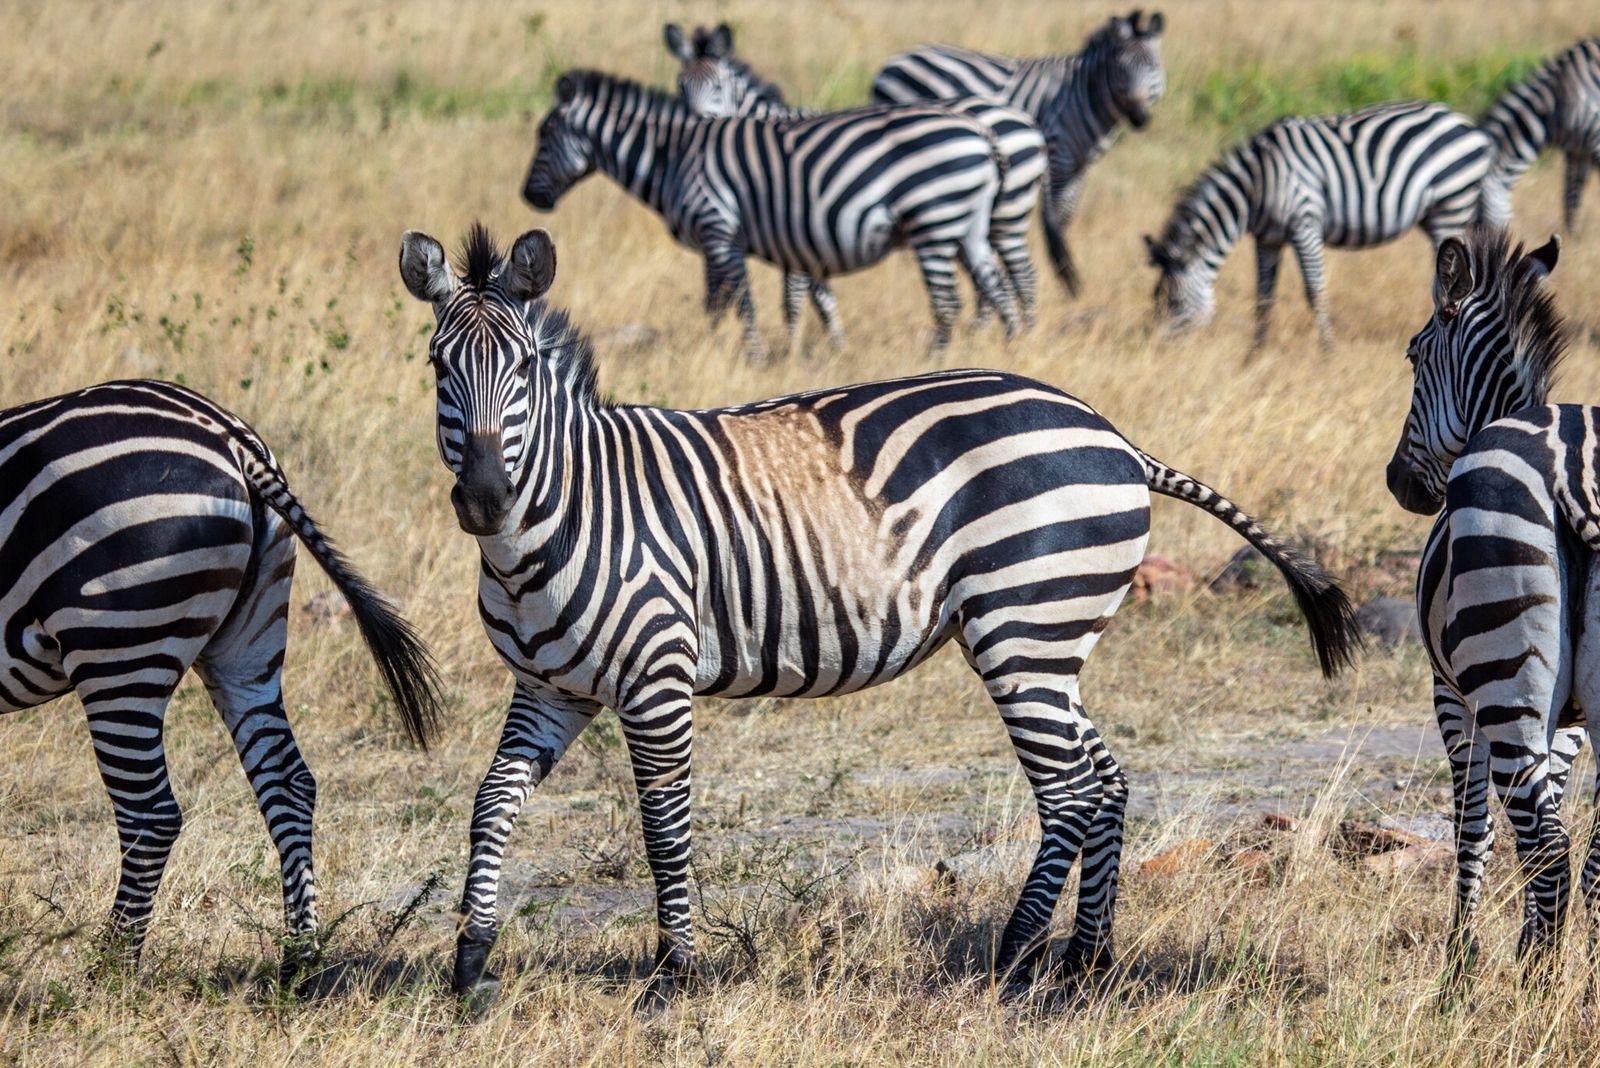 Zebras com manchas e listras incomuns podem ser um alerta sombrio sobre o futuro da espécie